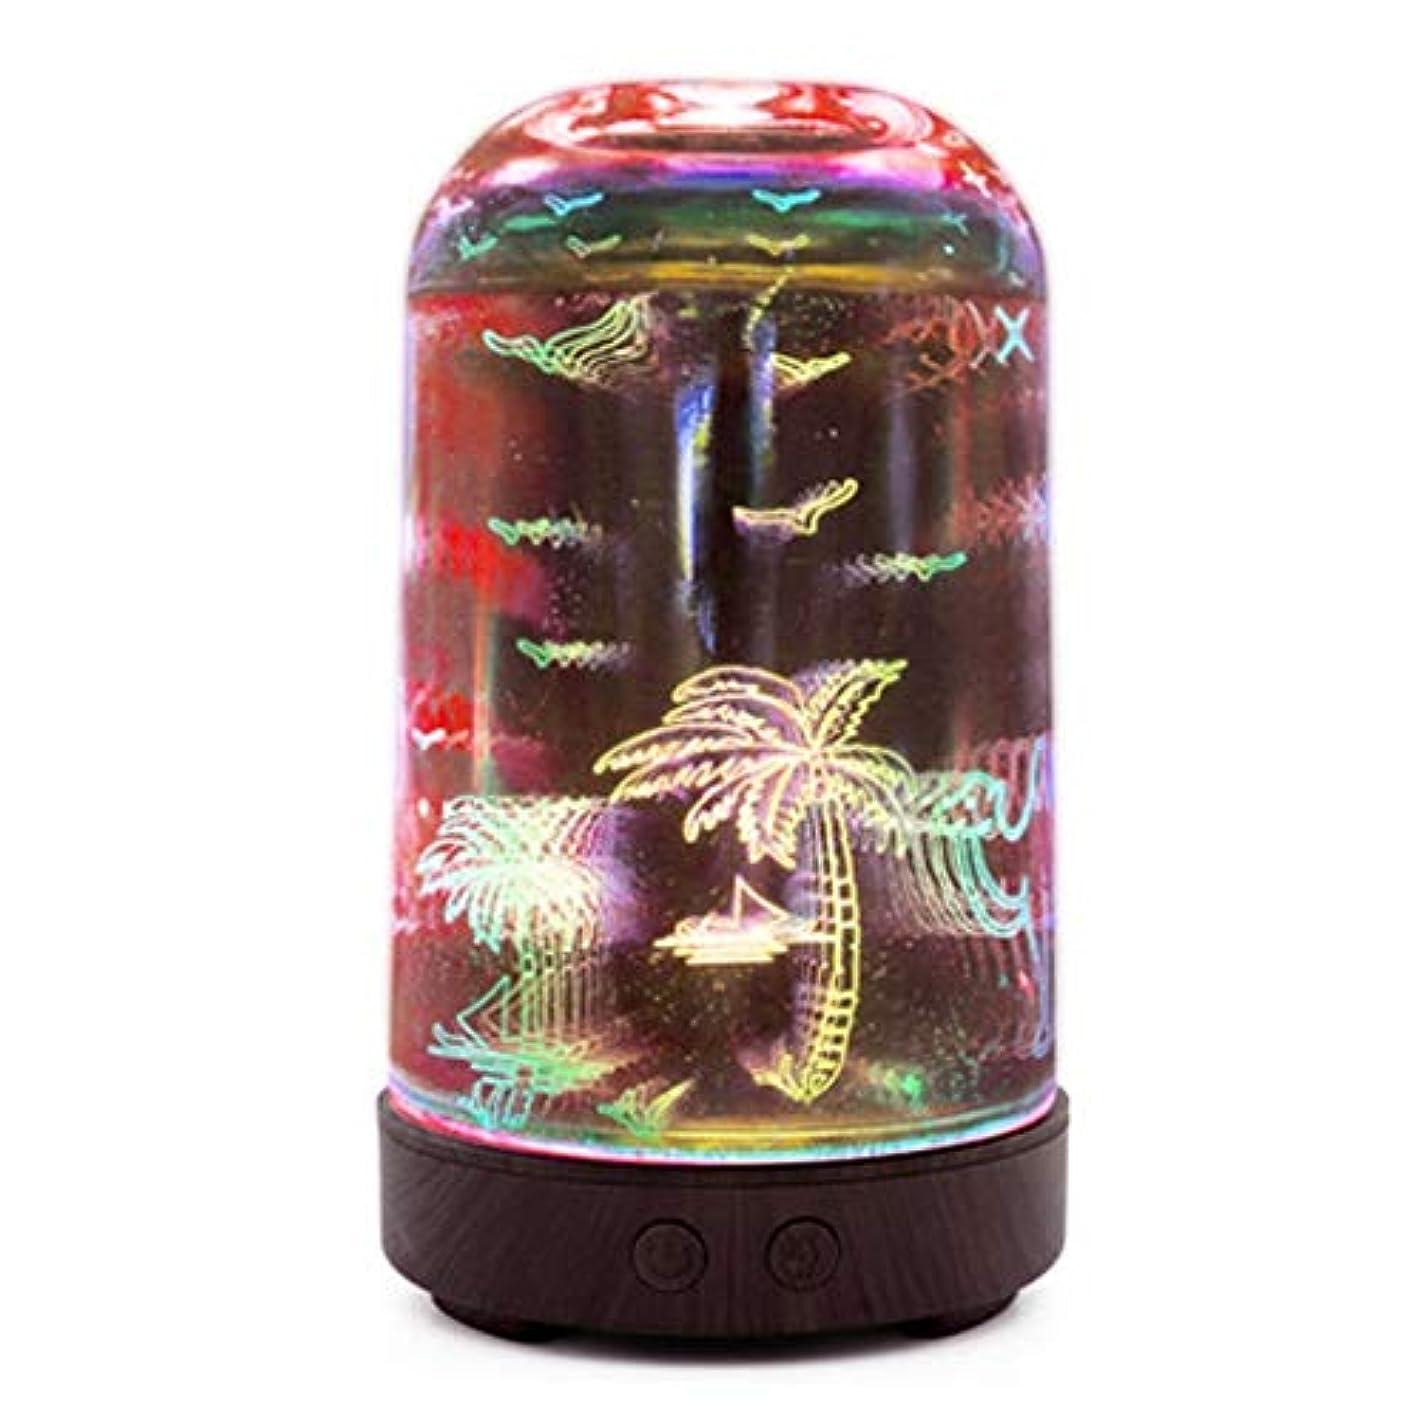 息切れミュート渦すばらしいLEDライト、便利な自動操業停止および大きい水漕が付いている3Dガラス100mlギャラクシー優れた超音波加湿器 (Color : Coconut tree)